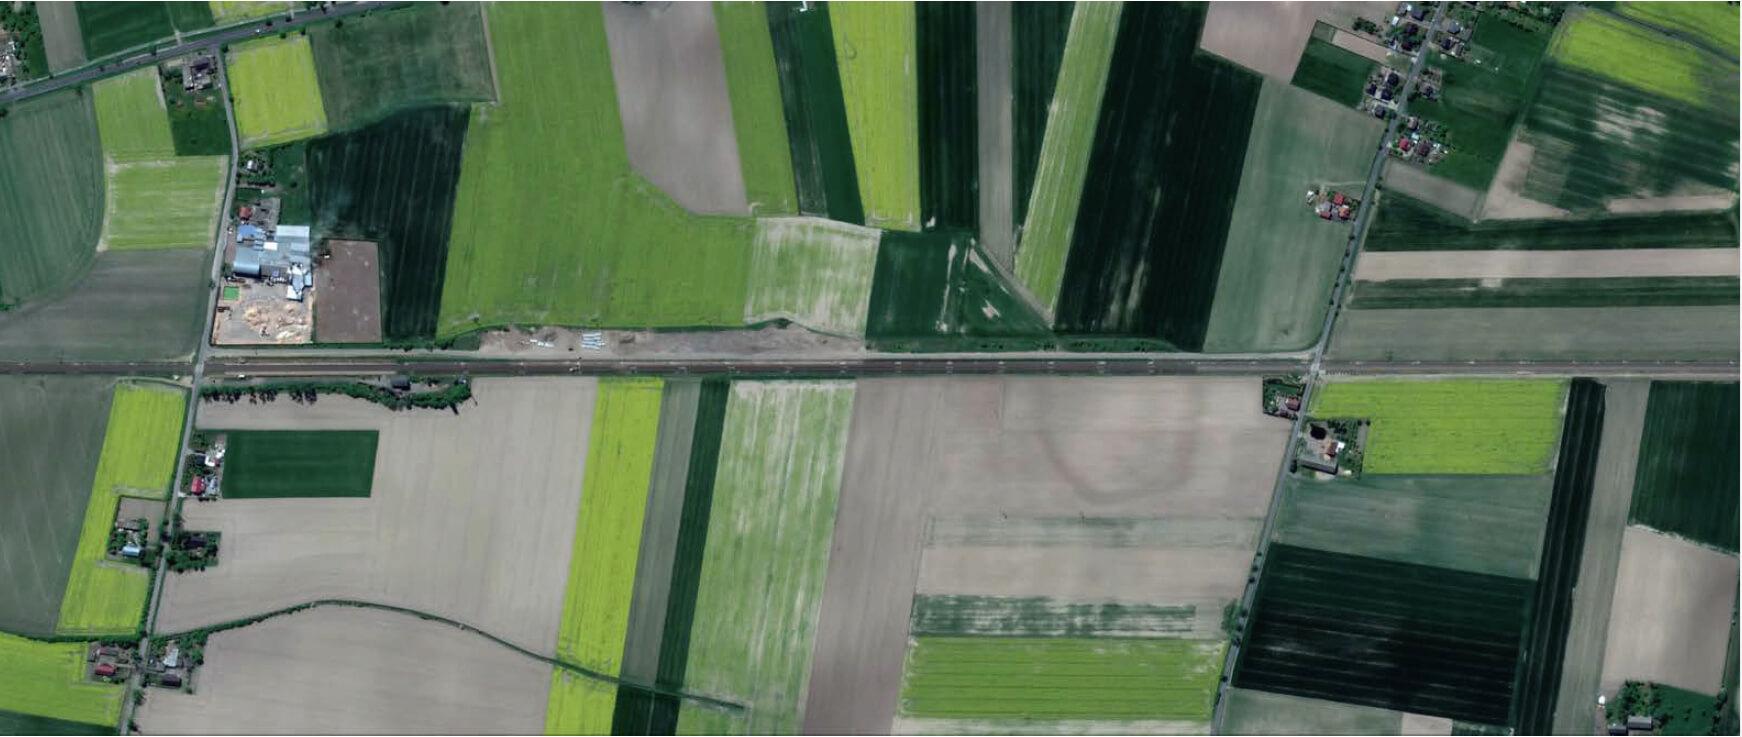 Satellitenaufnahme von Bahnstrecke durch Landschaft, strukturiert mit grünen und dunklen Feldern.